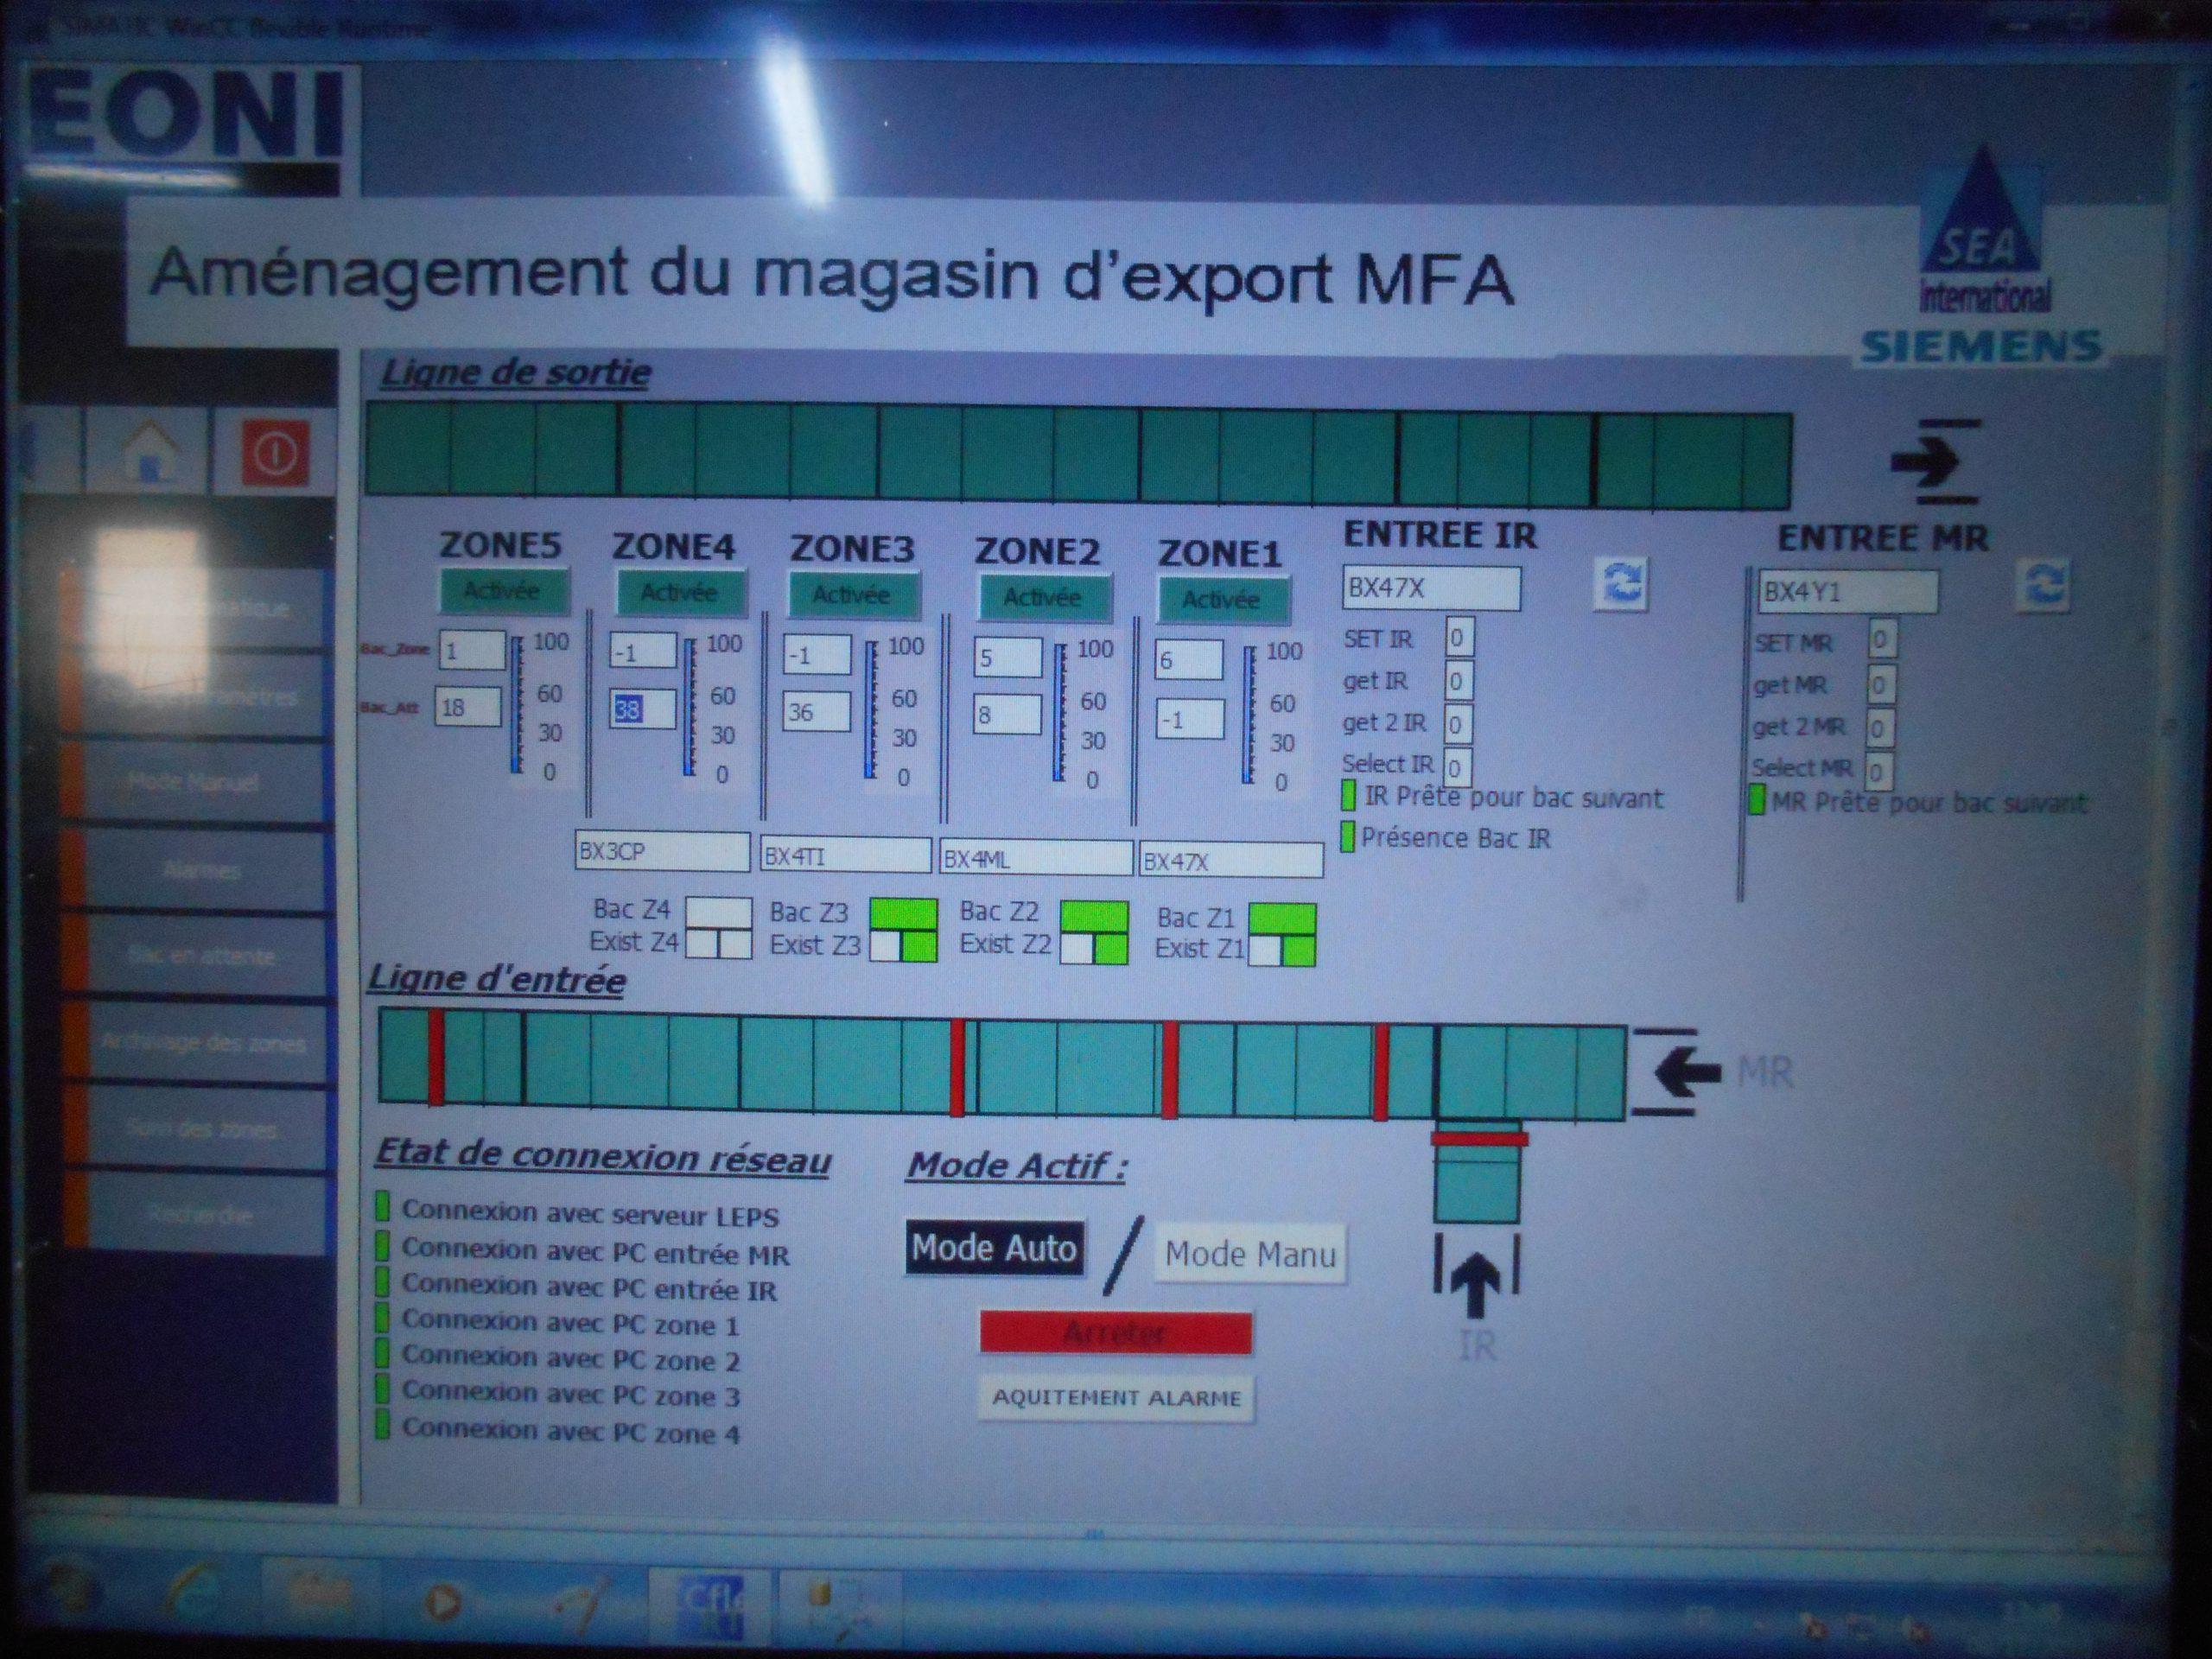 Système de transfert et arrangement magasin d'export MFA